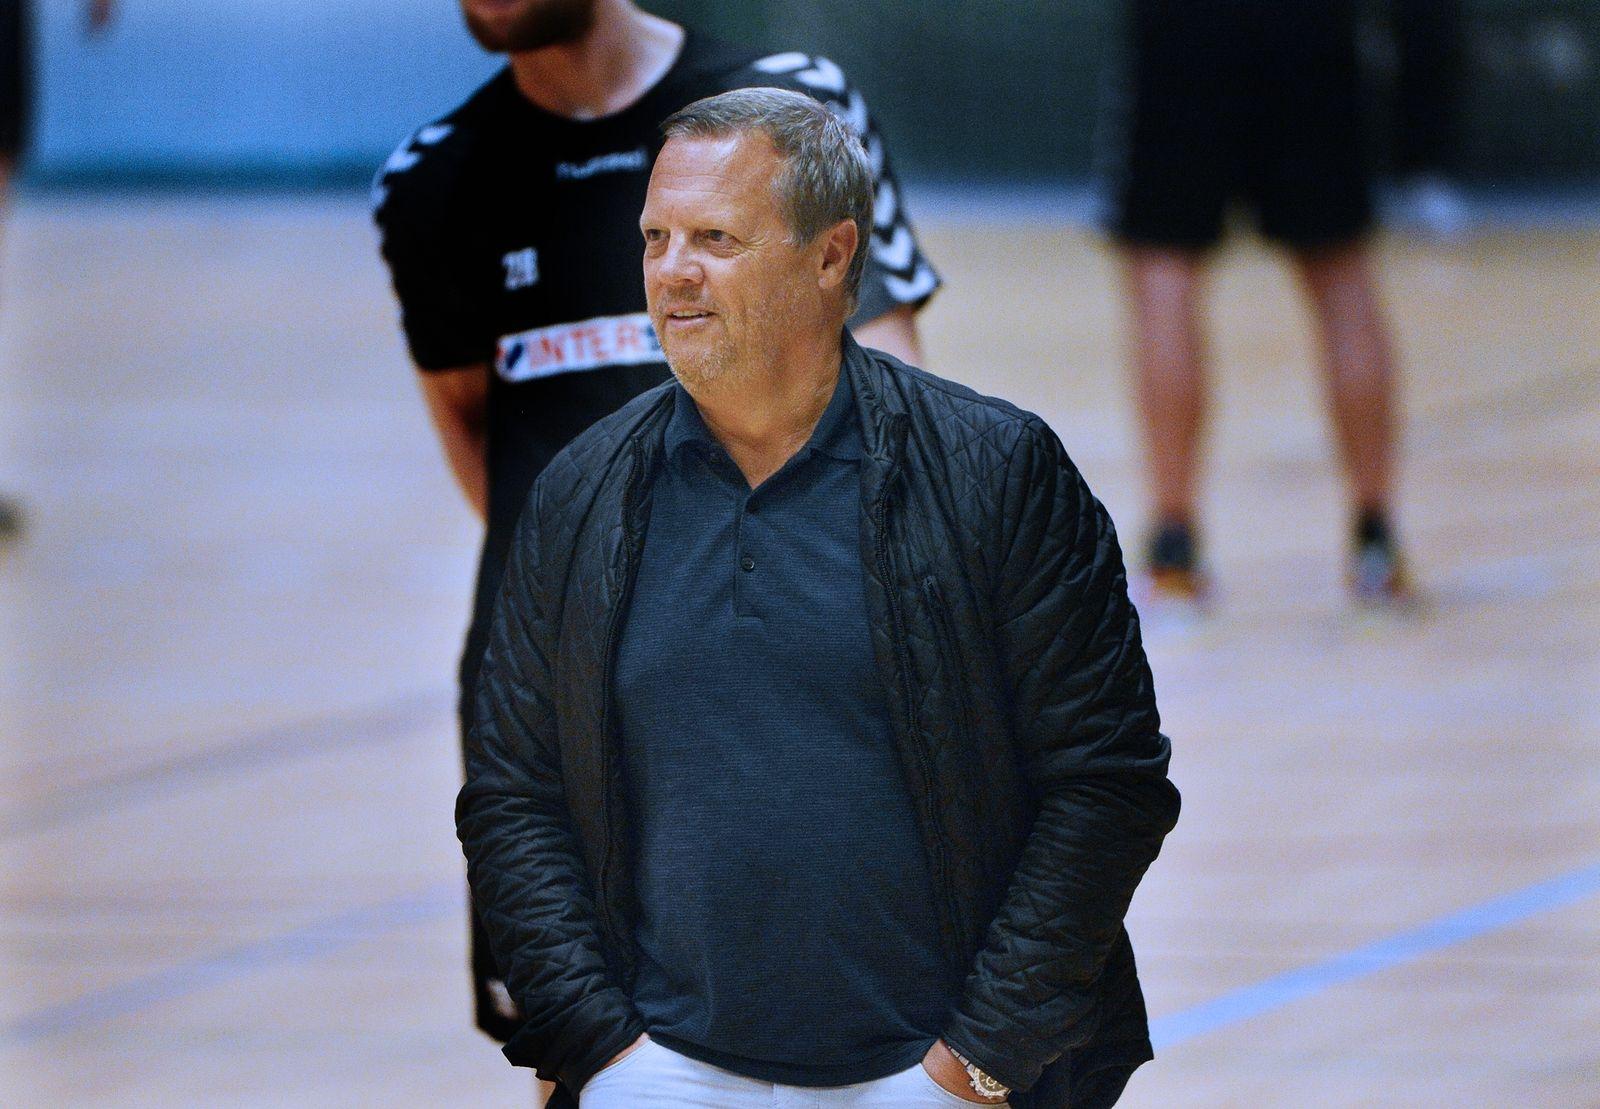 Mats Samuelsson.